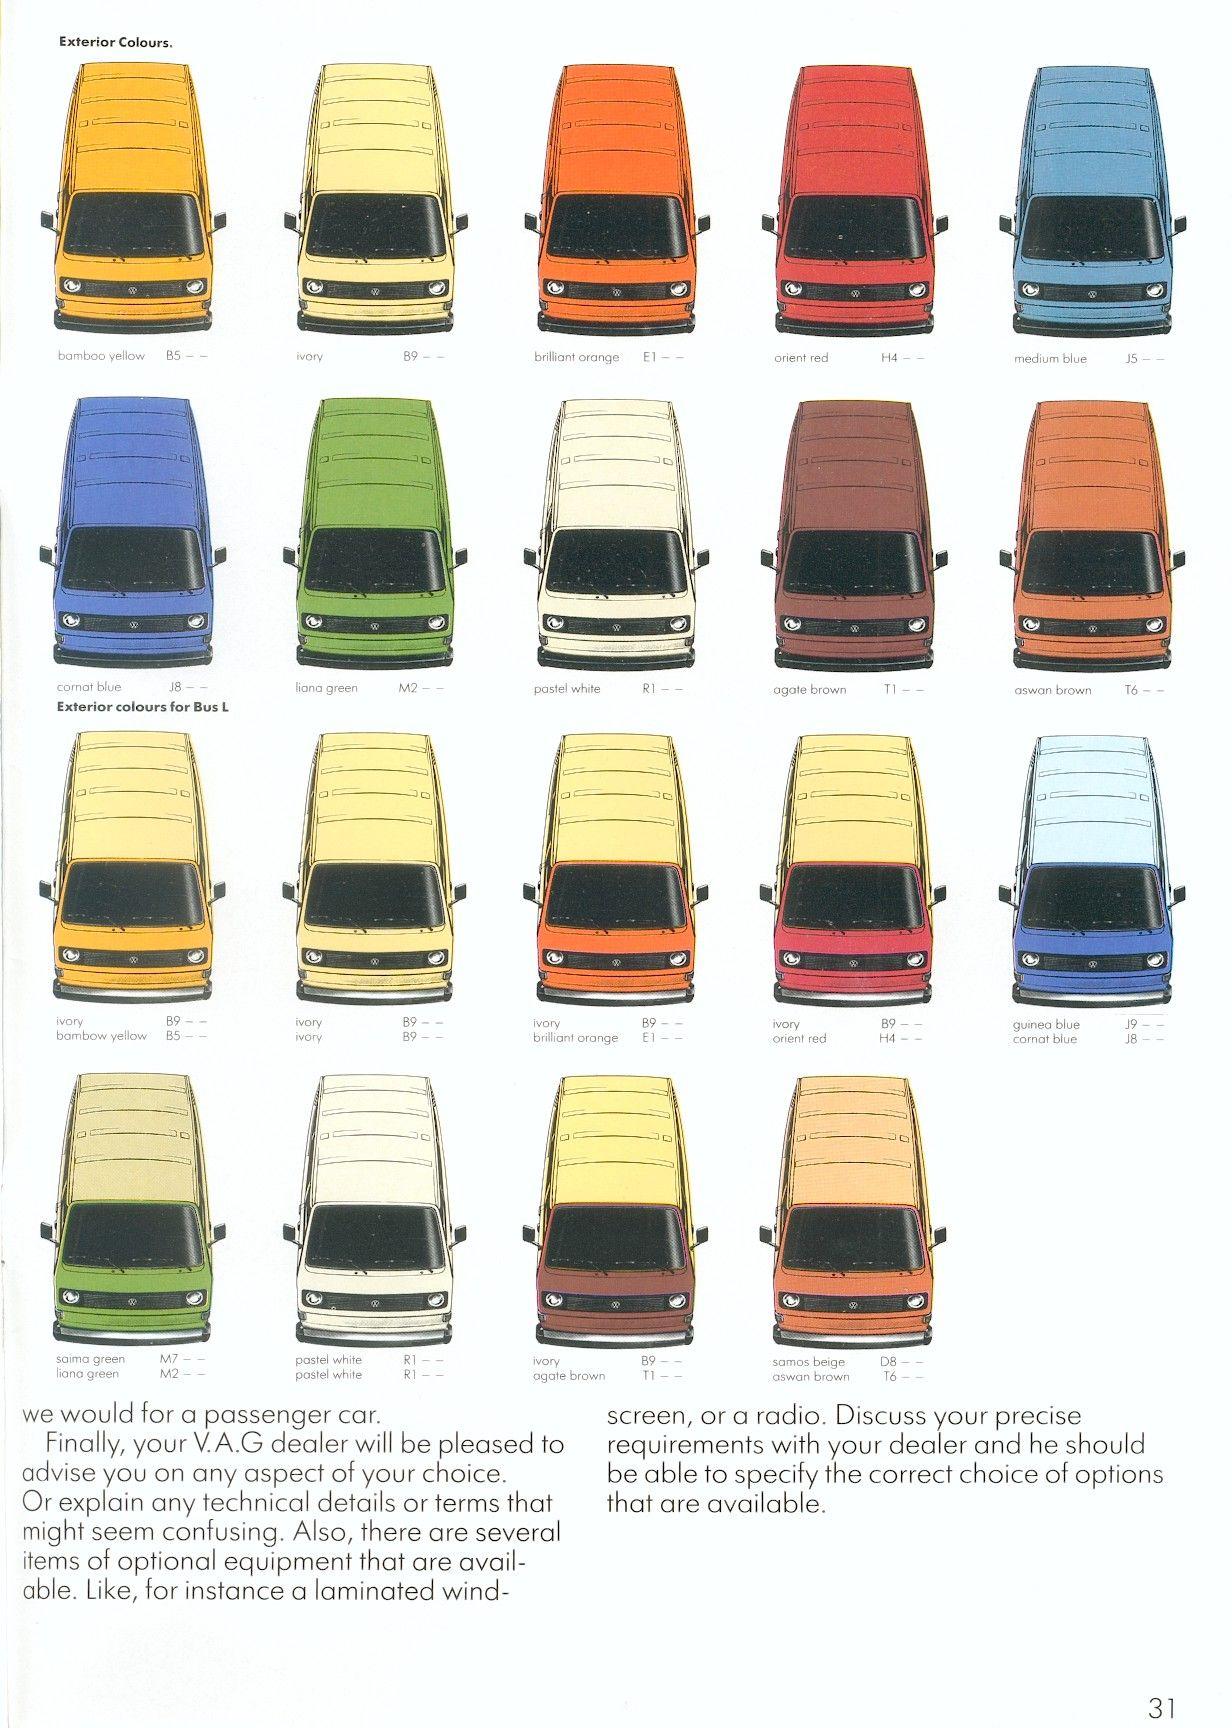 Car colour codes - Paint T25 Paint Codes Colour Chips Vw Forum Vzi Europe S Largest Vw